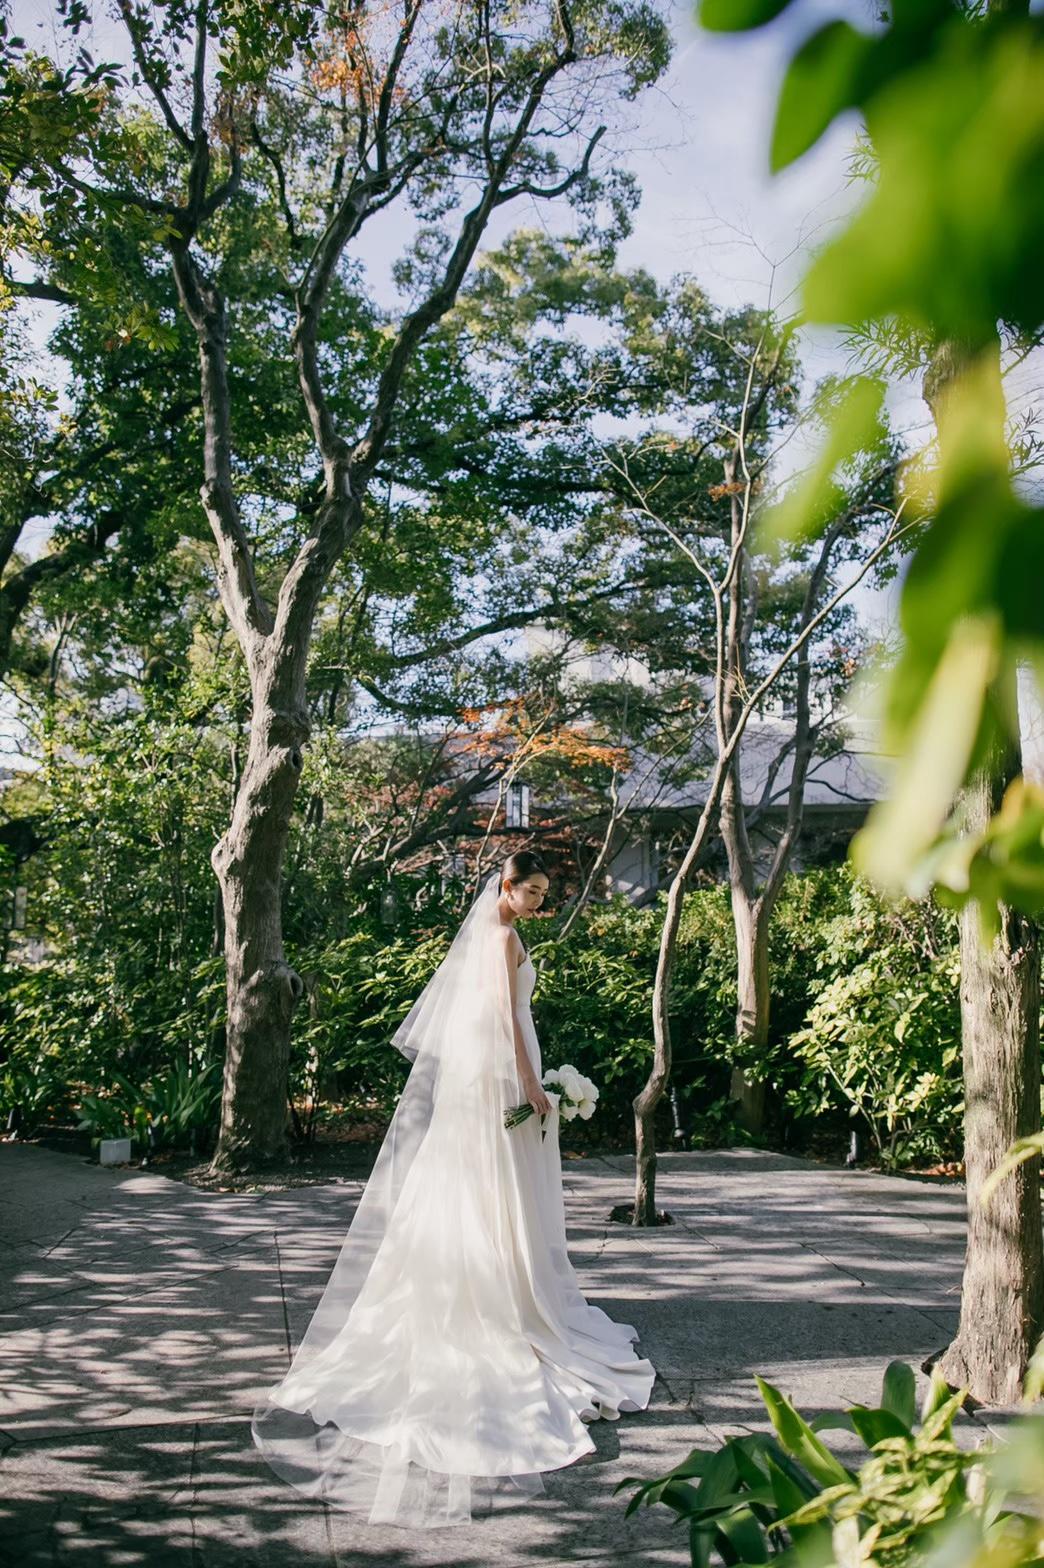 大阪で叶える大人ナチュラルなガーデンウェディング。森の様な緑豊かな庭園でお二人だけの特別感溢れるファーストミートを。